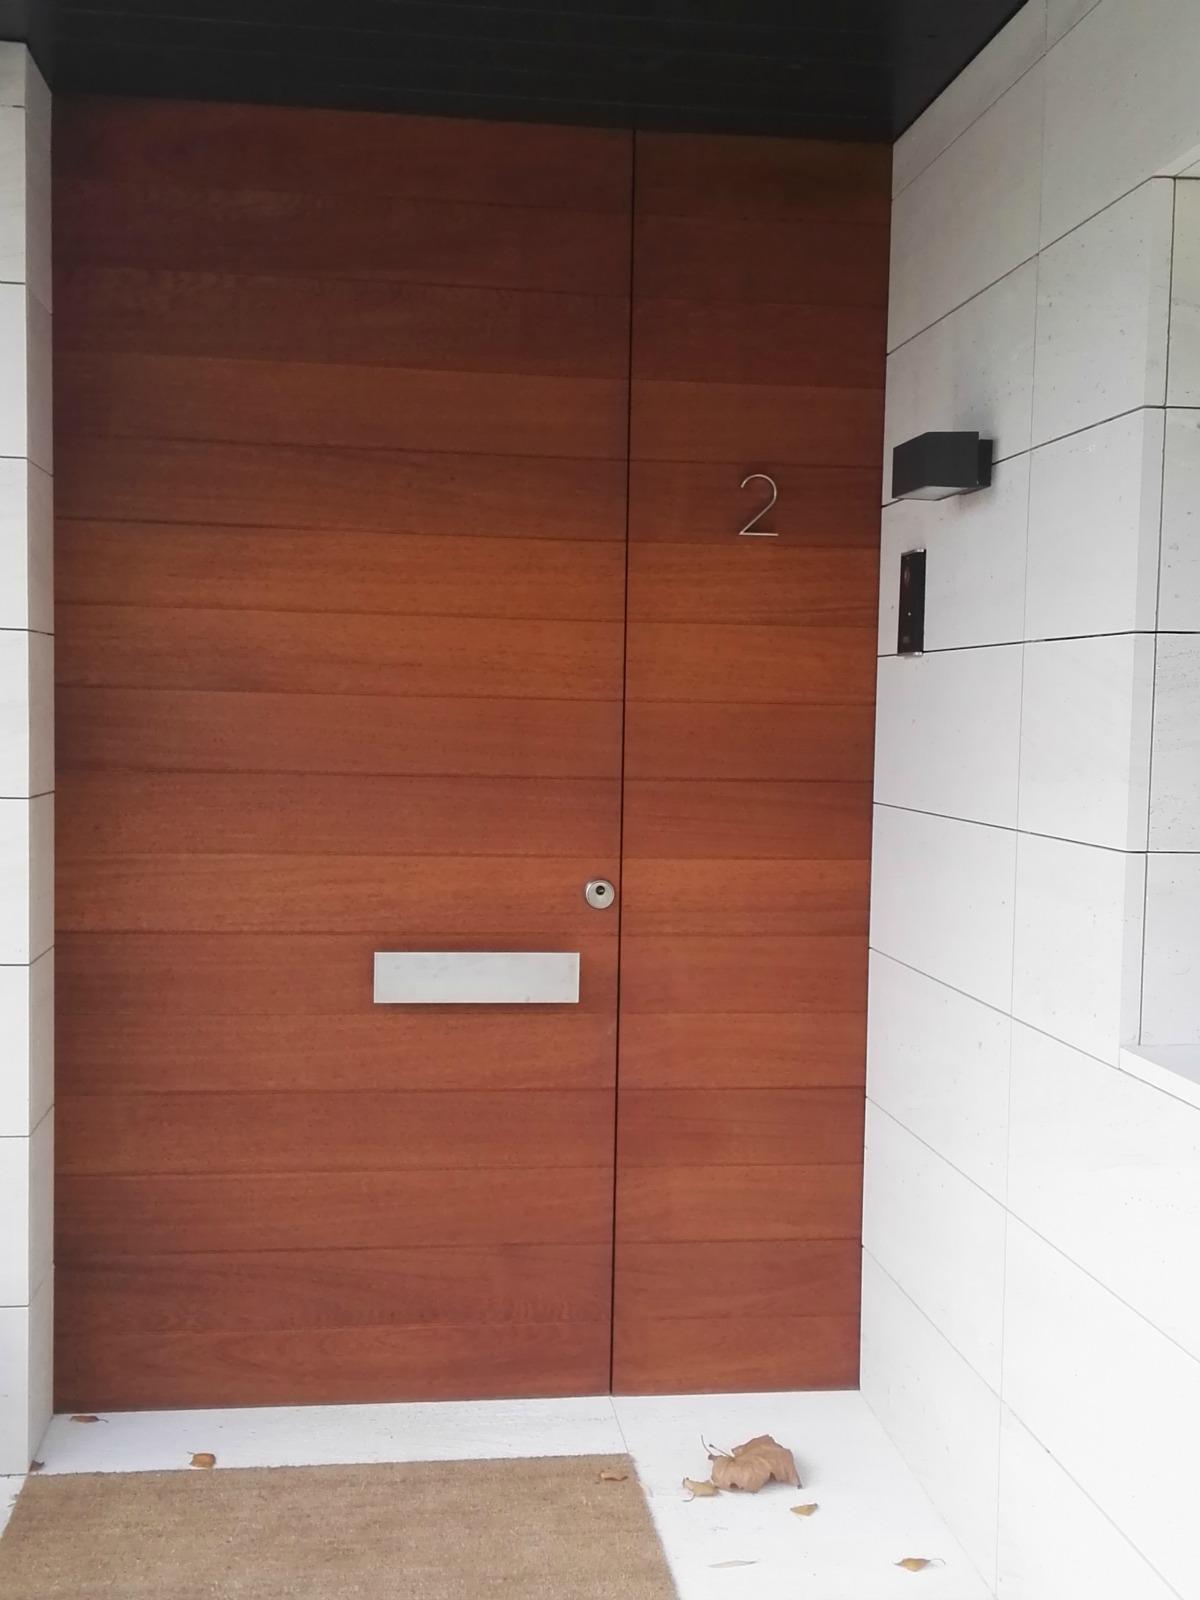 Puerta de entrada en madera puertas coru a vetta grupo for Puertas de madera entrada principal modernas